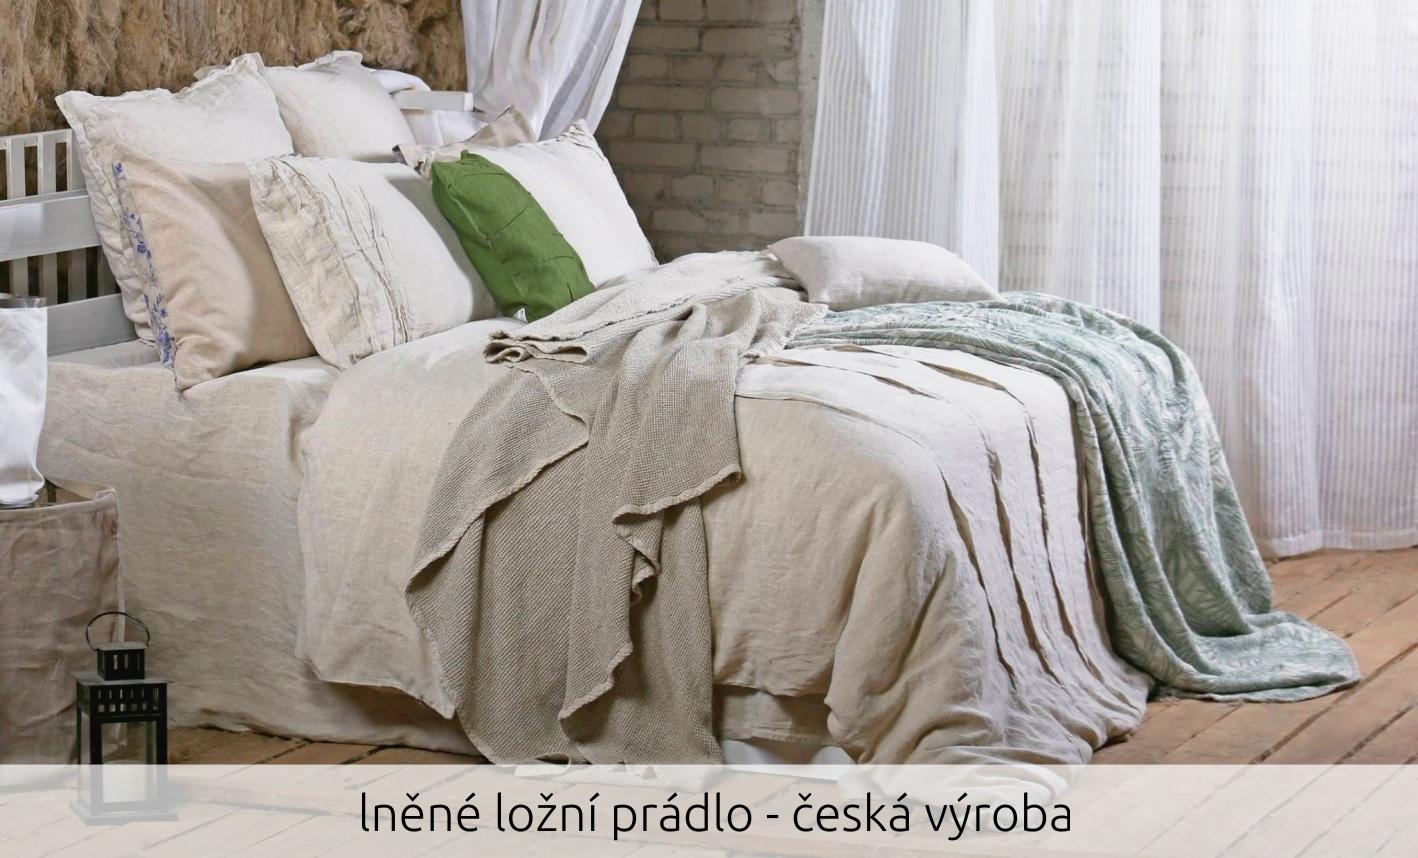 lněné ložní prádlo - česká výroba